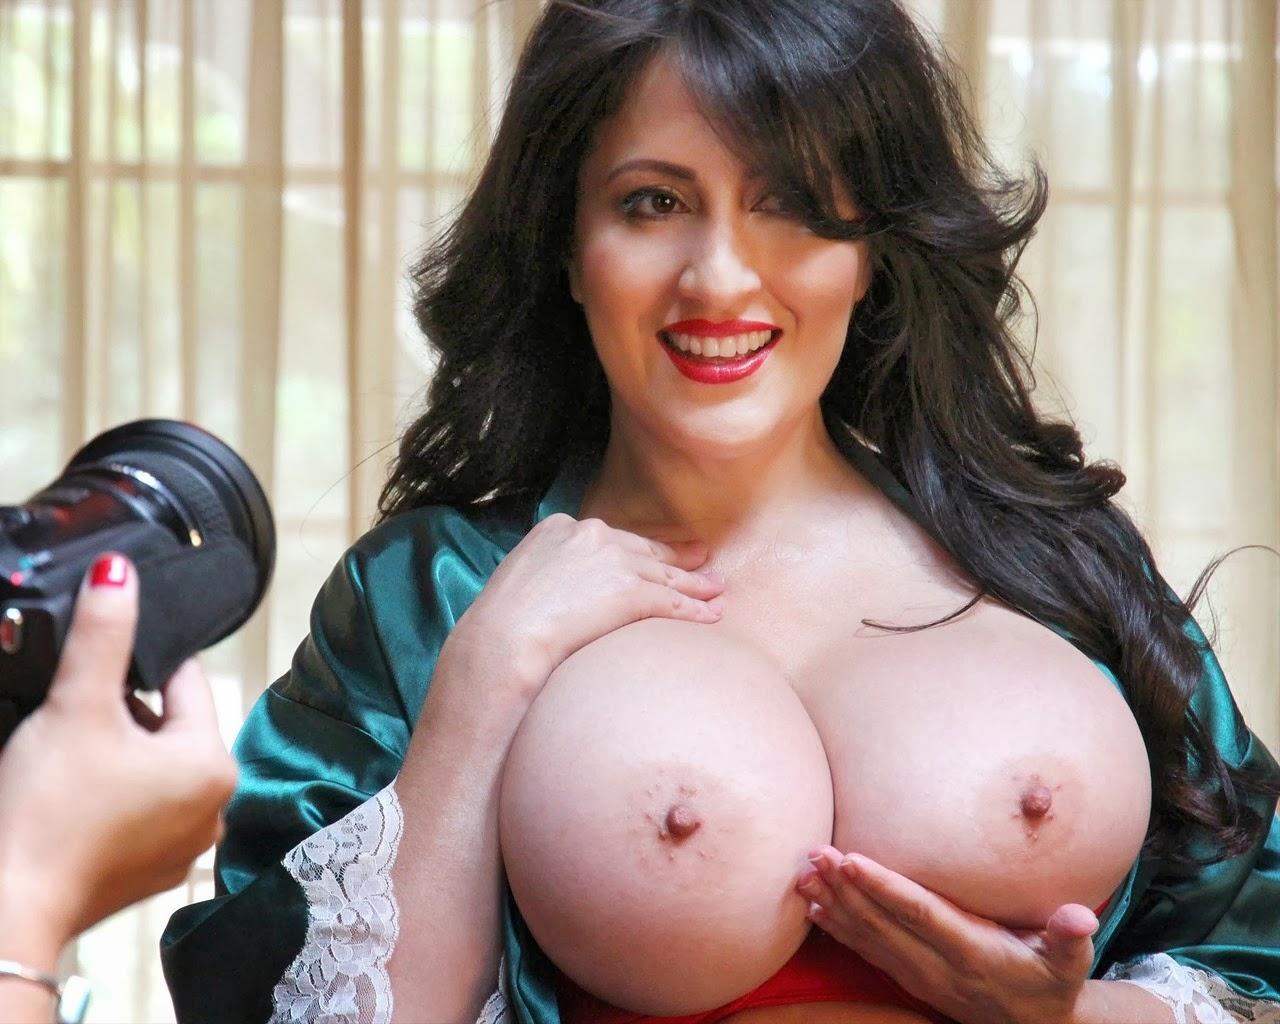 Фото вывалила сиськи из лифчика, Сиськи наружу Фото голых девушек 2 фотография